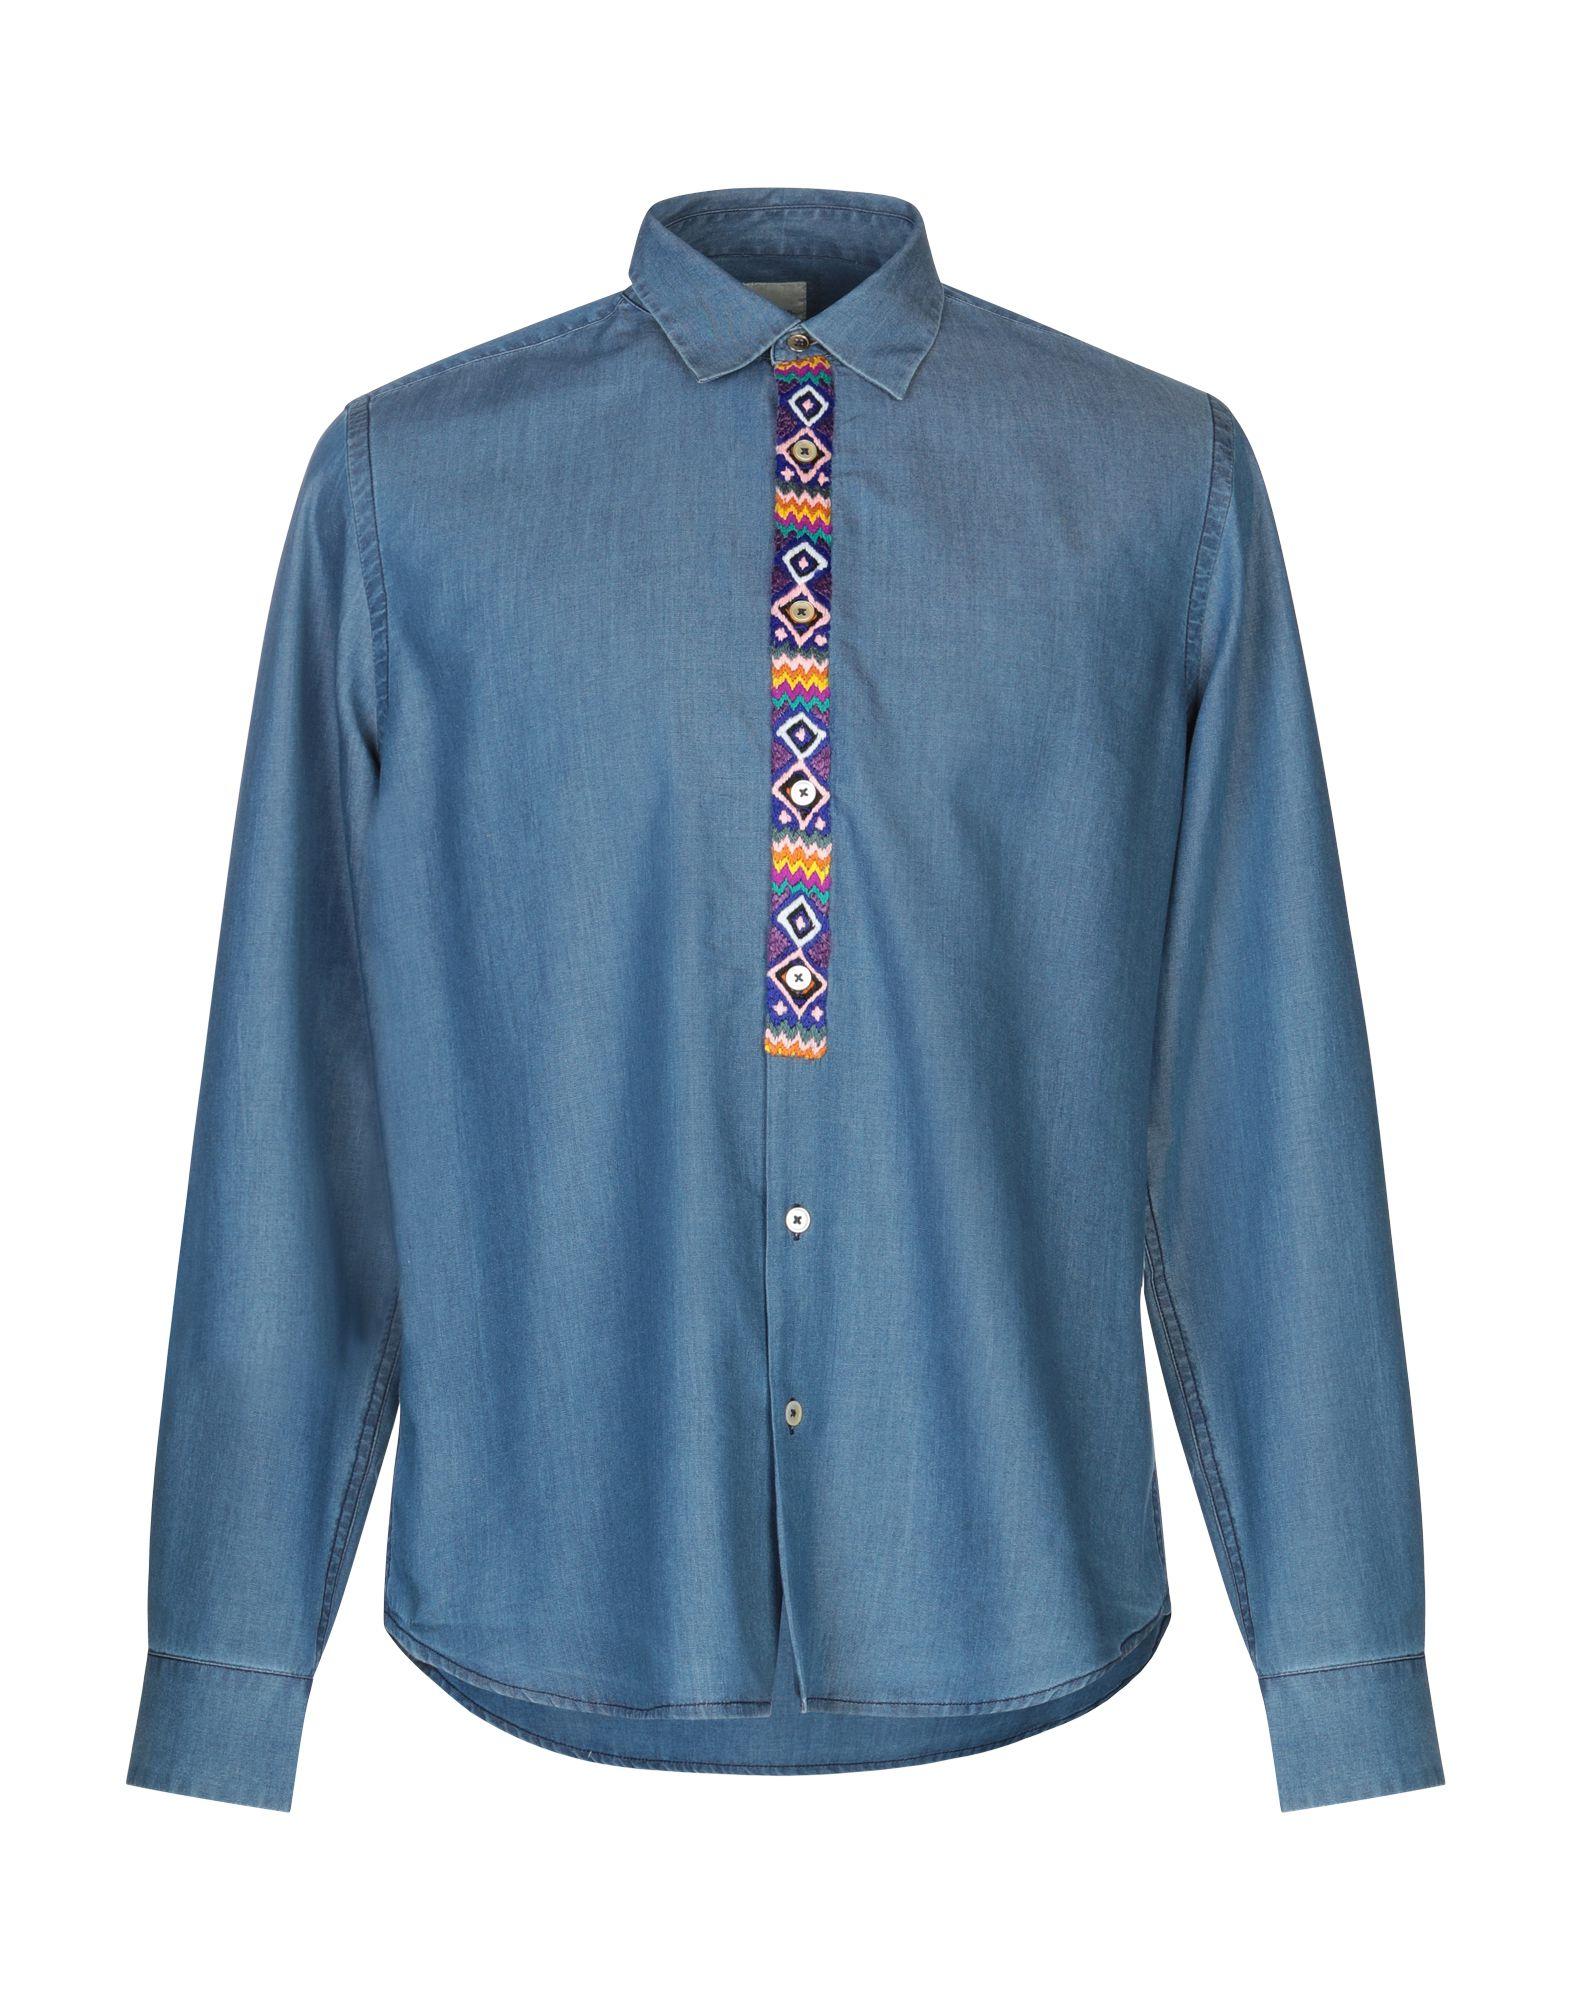 PAUL SMITH Джинсовая рубашка рубашка paul smith рубашки однотонные